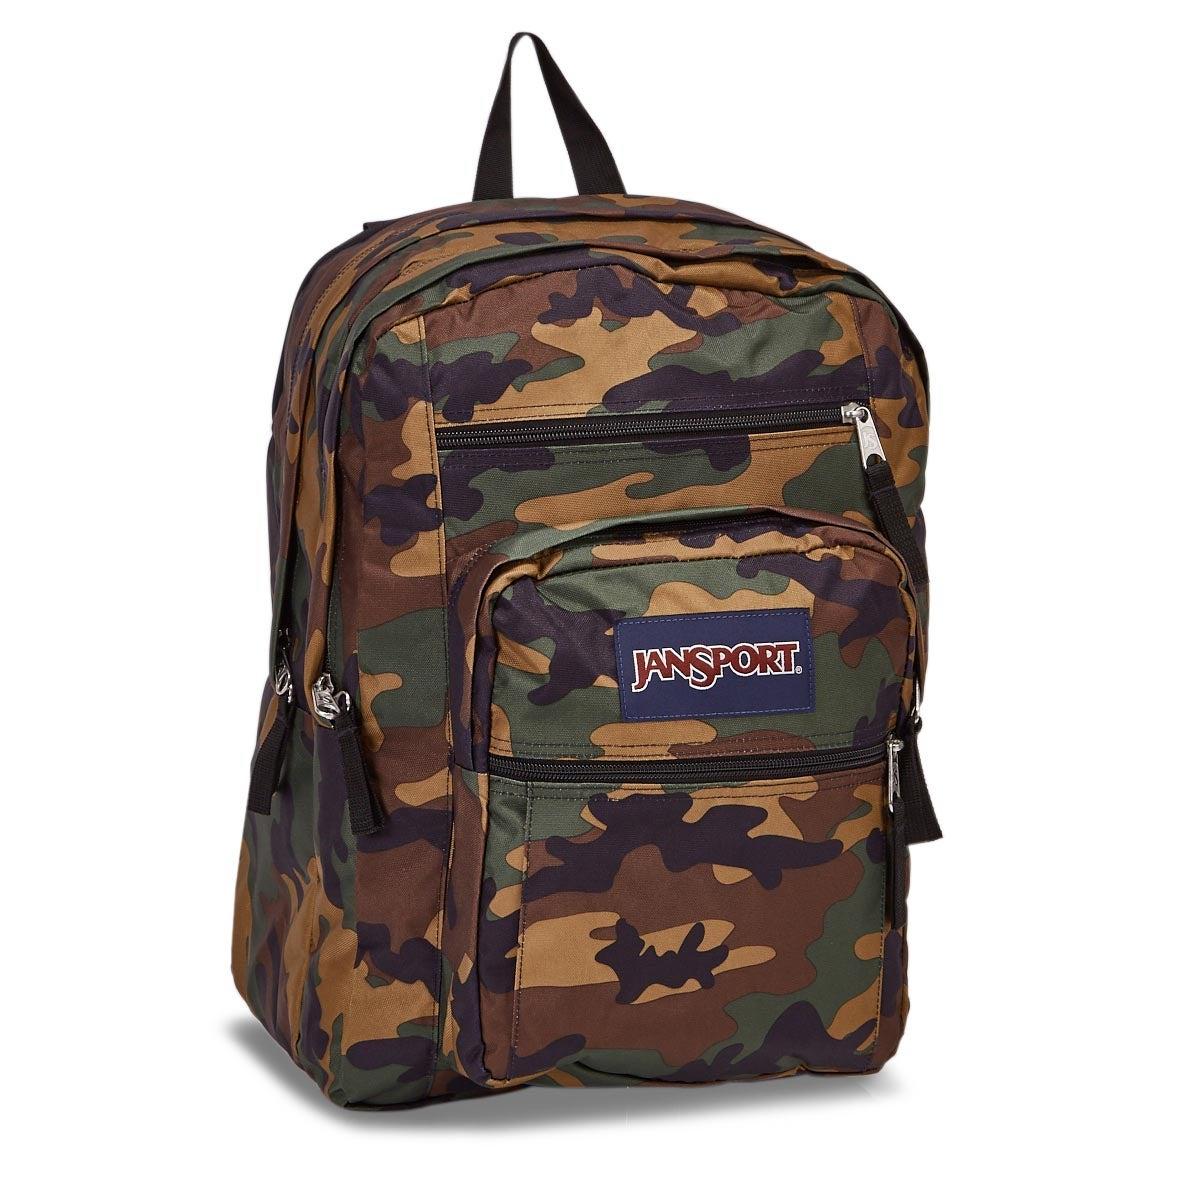 Jansport Big Student camo backpack